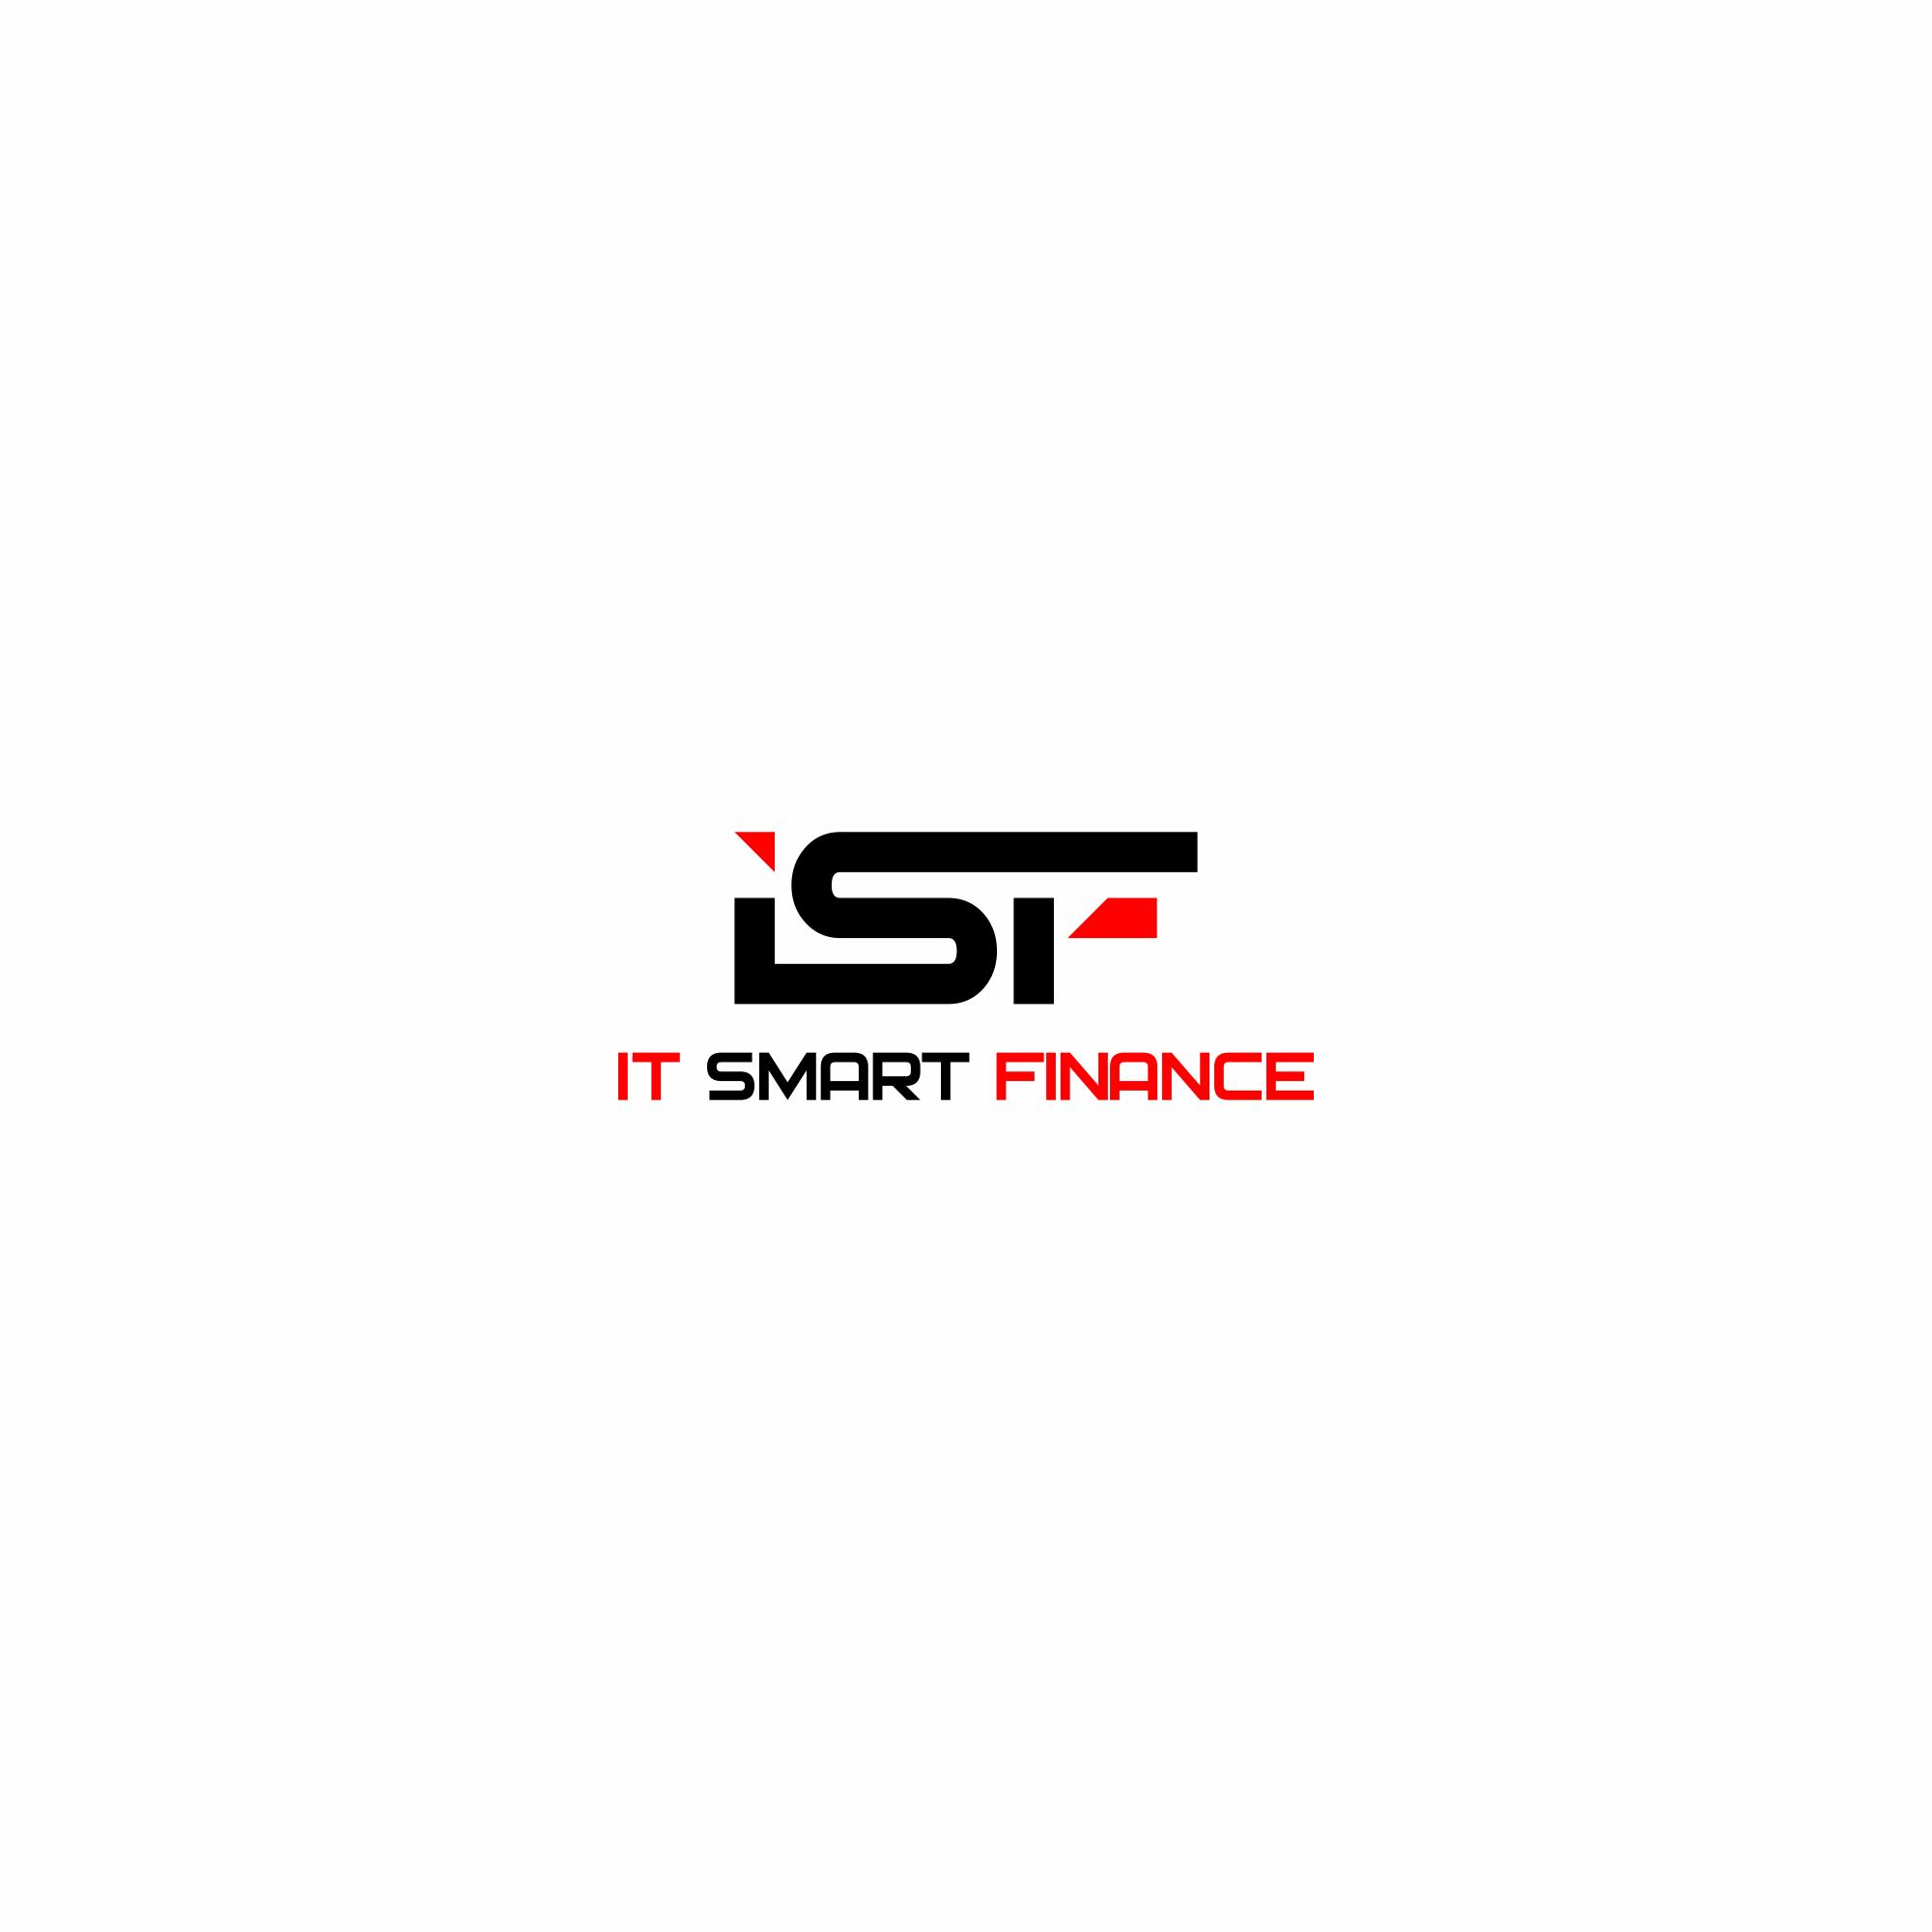 Разработка логотипа фото f_3895a2a590db380e.jpg